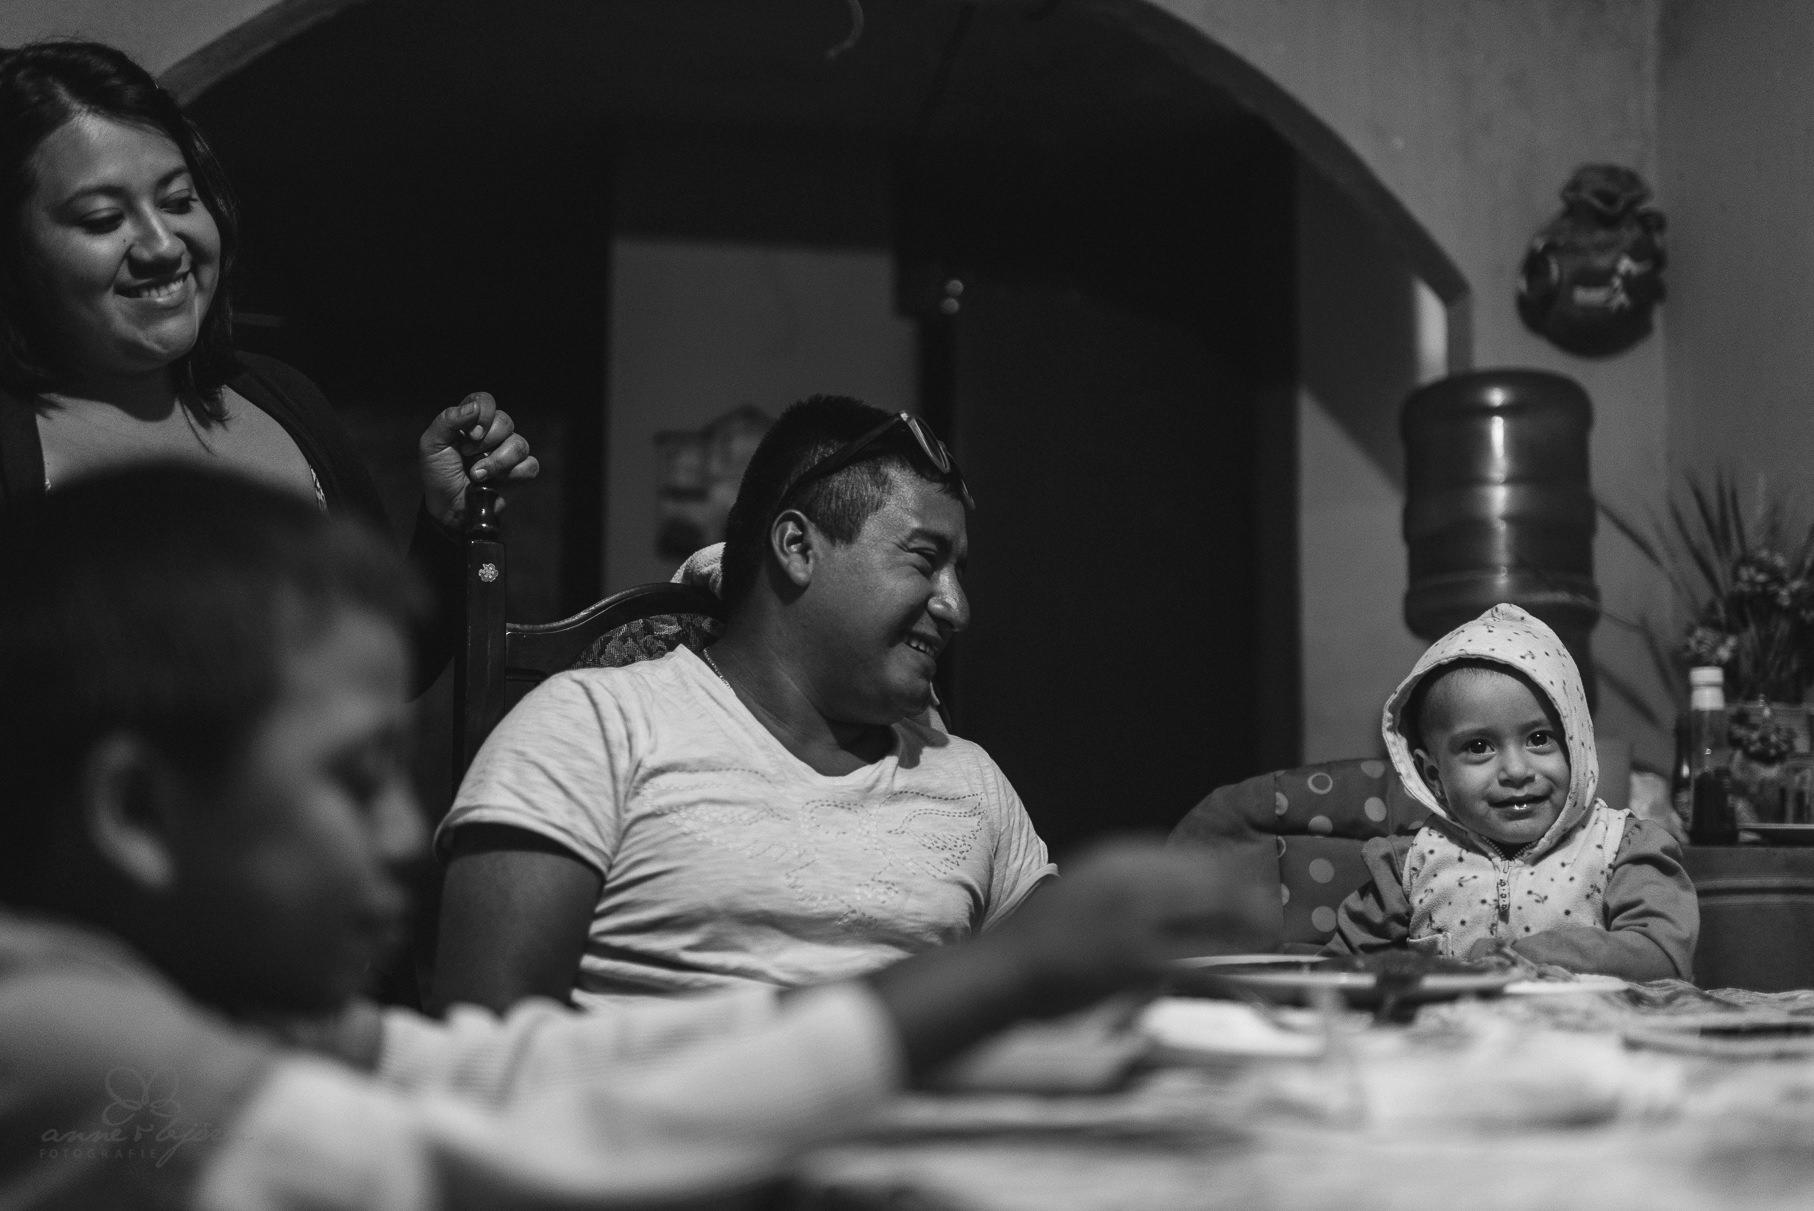 0041 anne und bjoern guatemala d75 1511 2 - 4 Wochen durch Guatemala - backpacking durch Mittelamerika